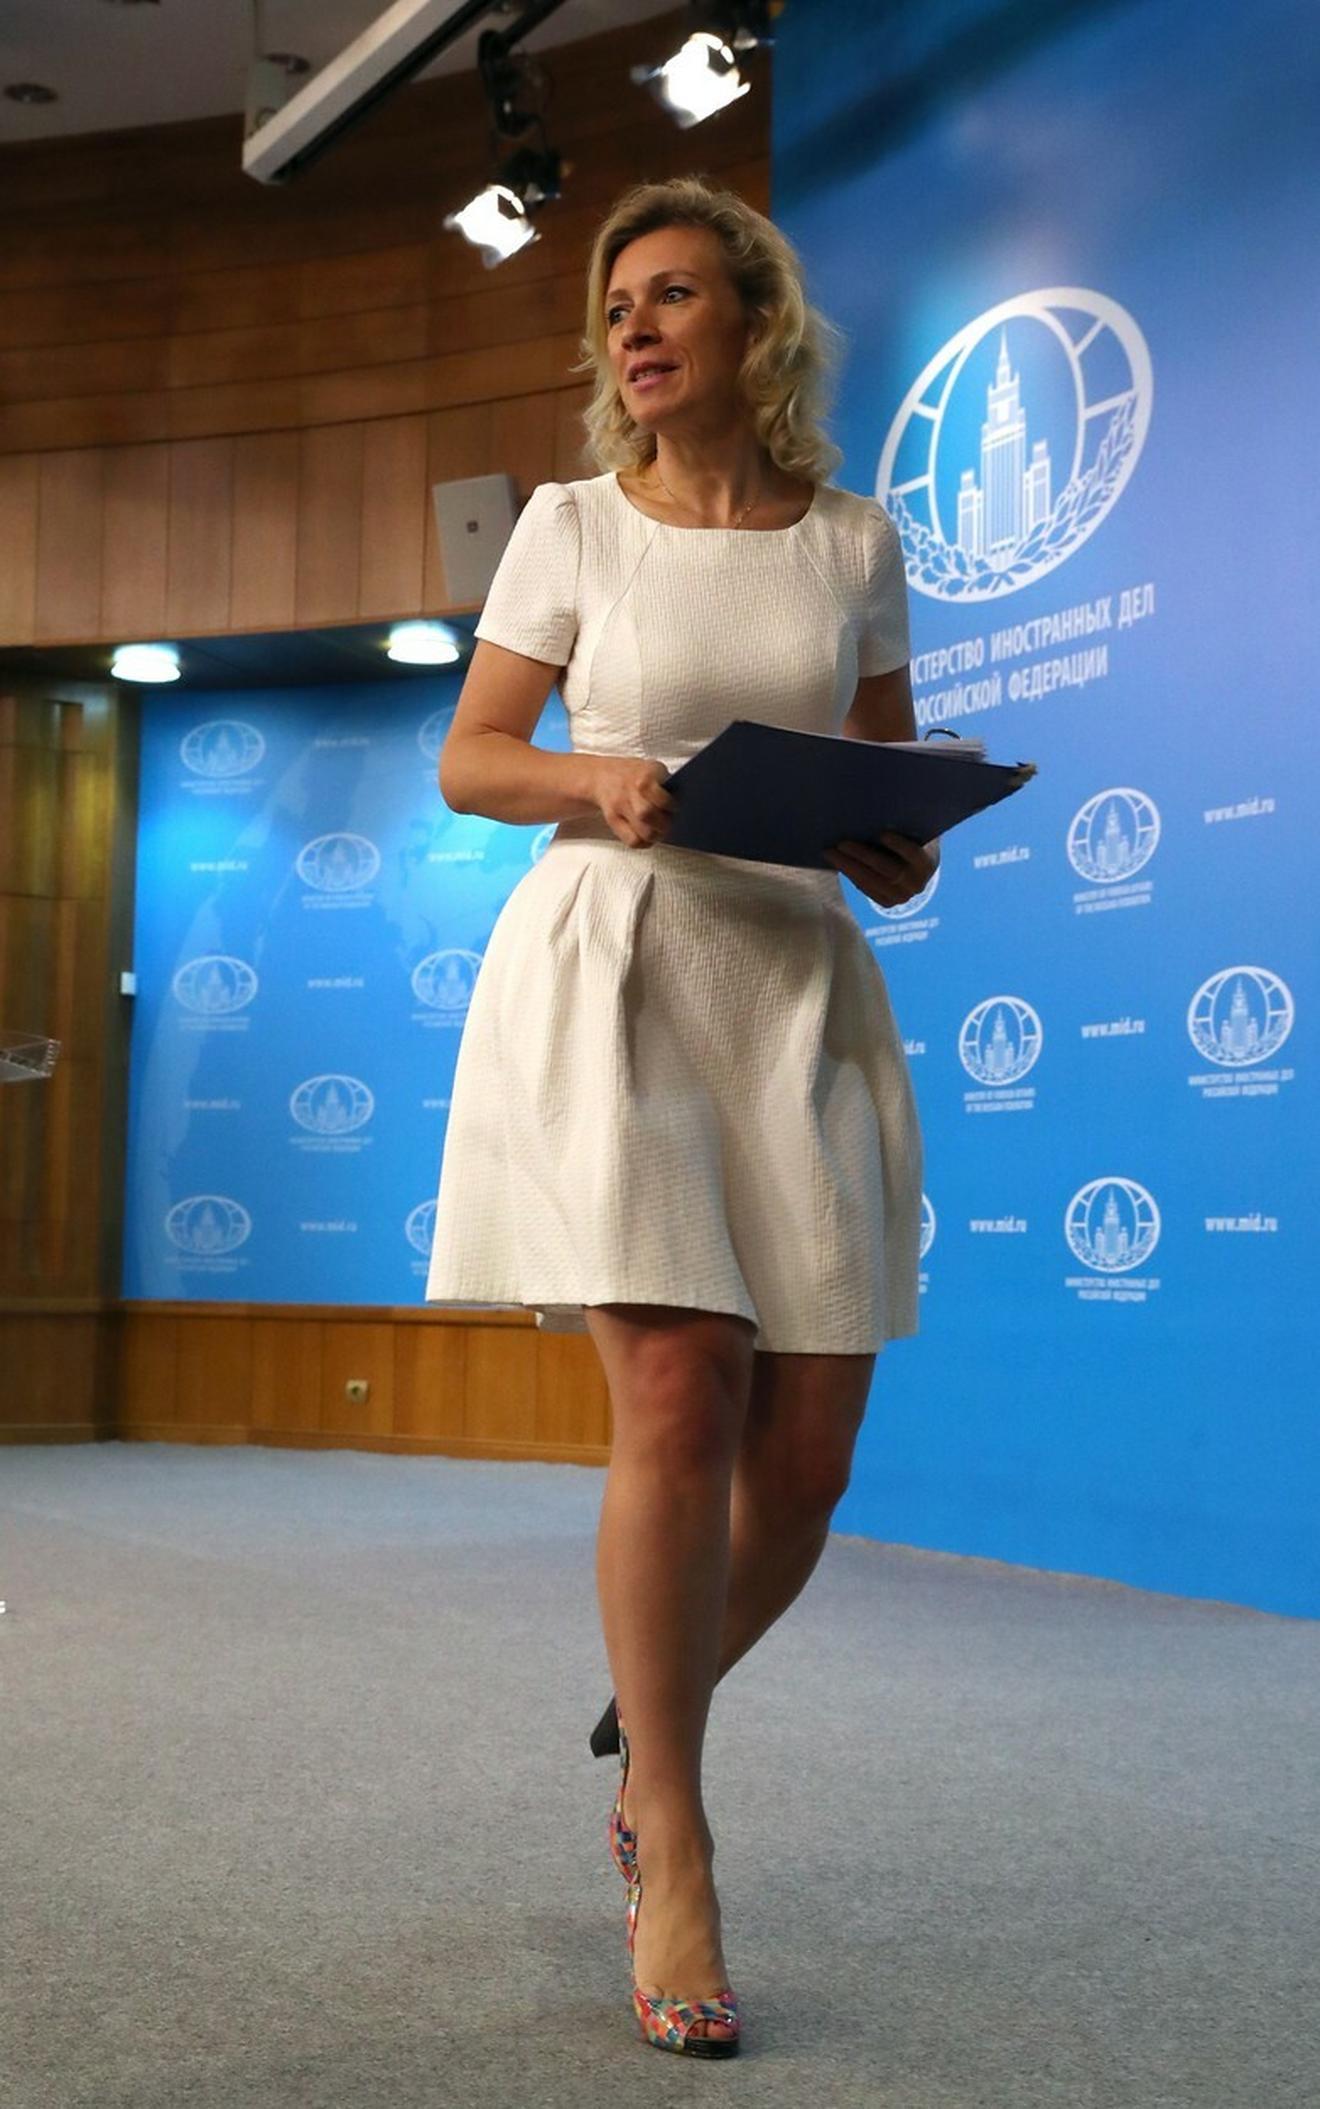 Marija Zaharova, portpartolka Ministarstva spoljinih poslova Rusije